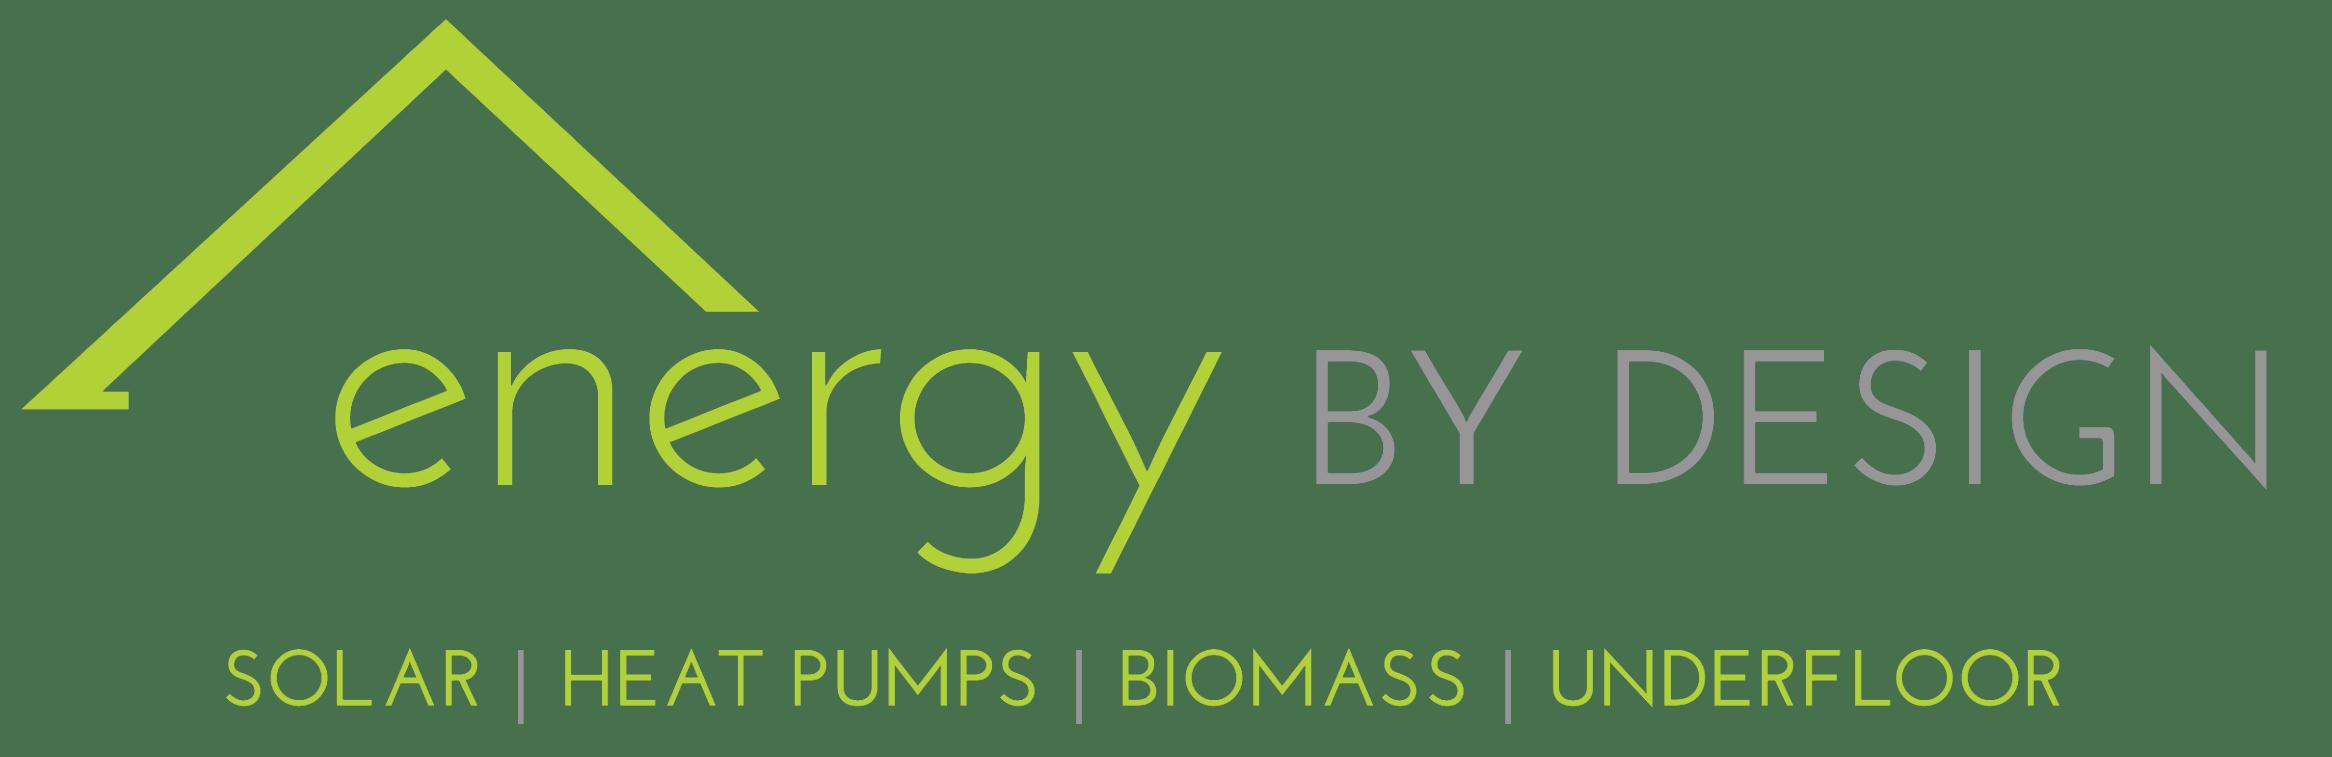 Energy By Design logo